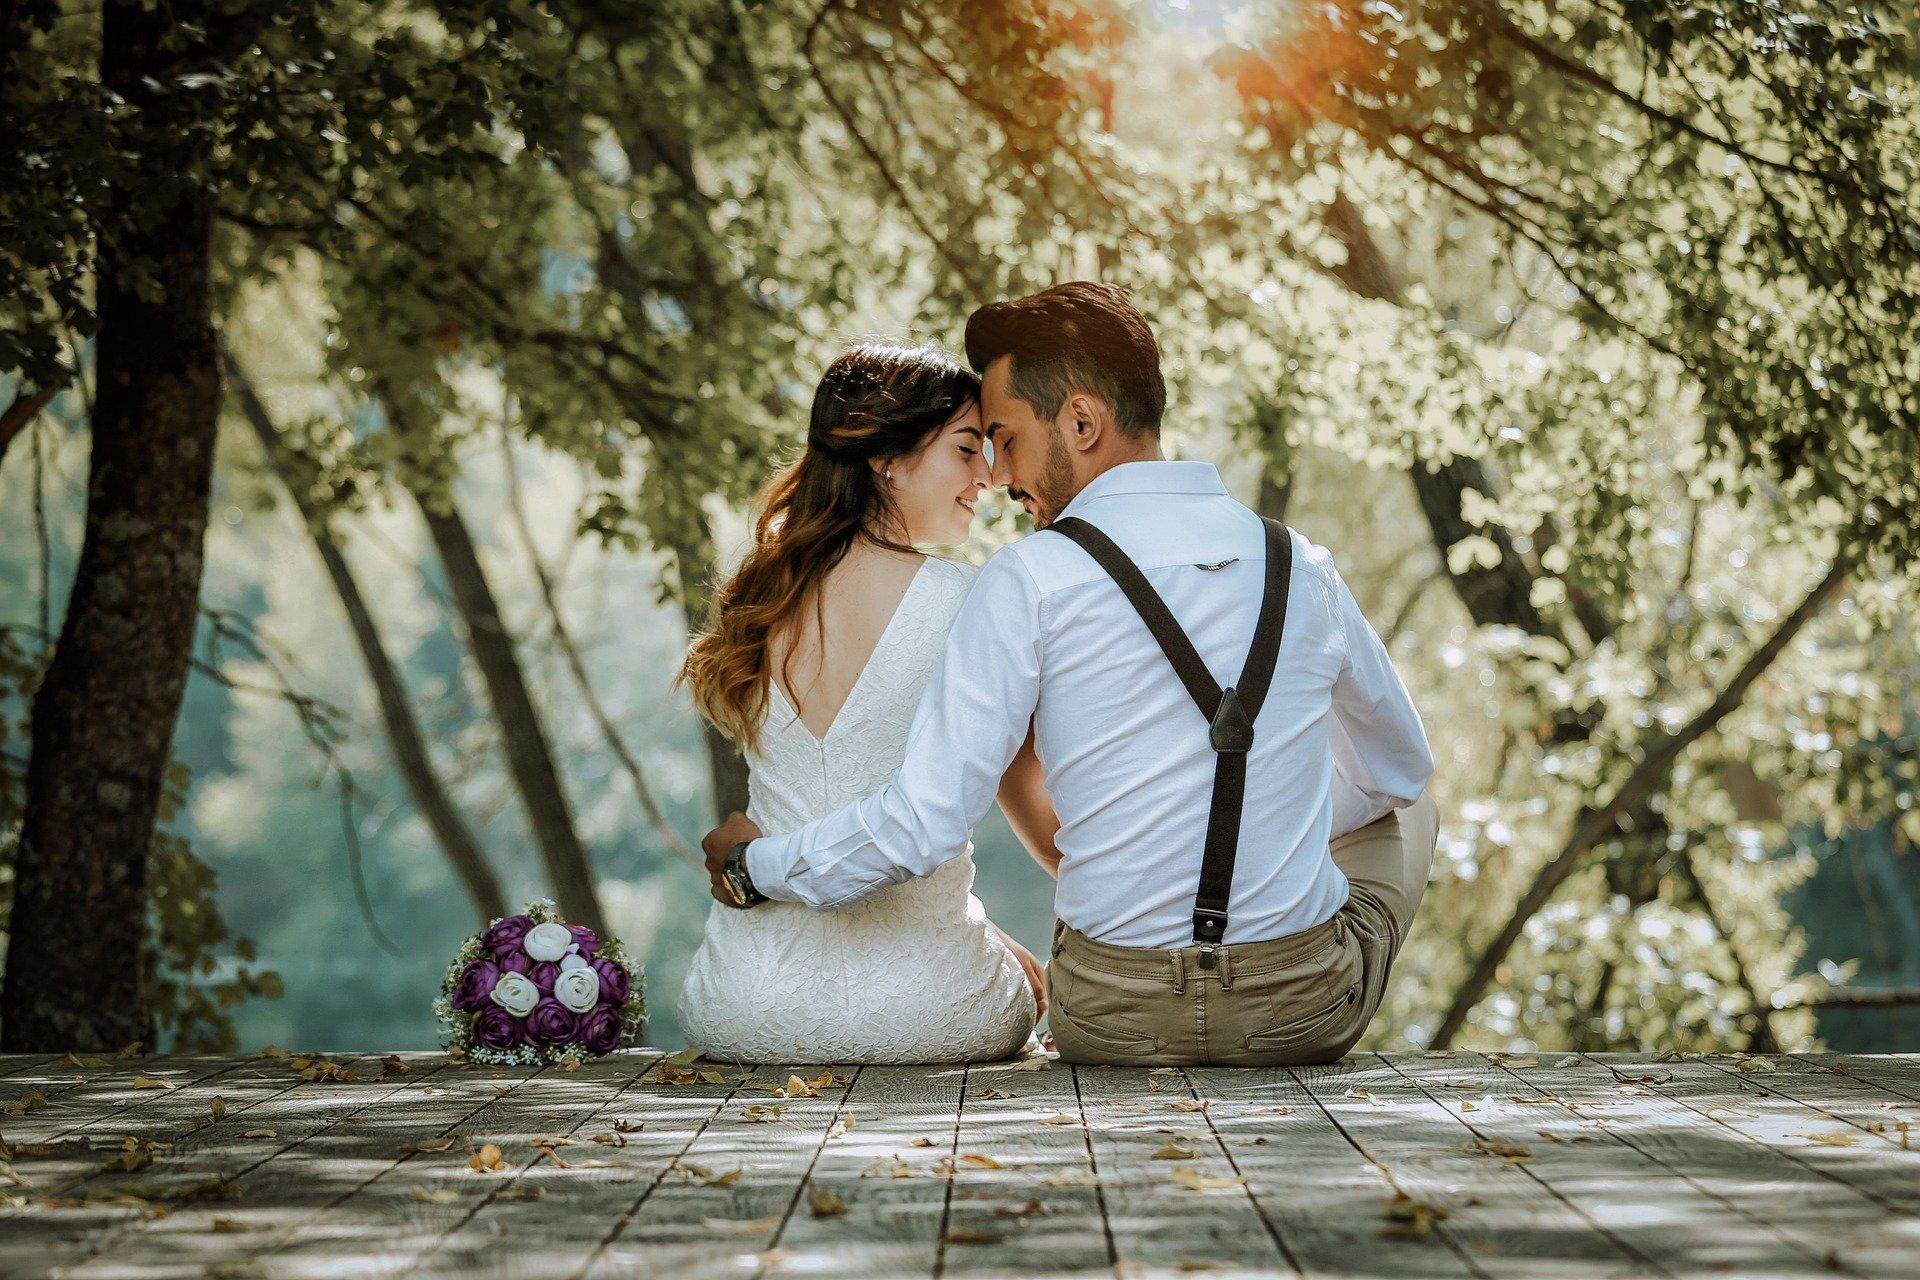 Amour libre ou sous contrat ? Quel est le meilleur choix ?